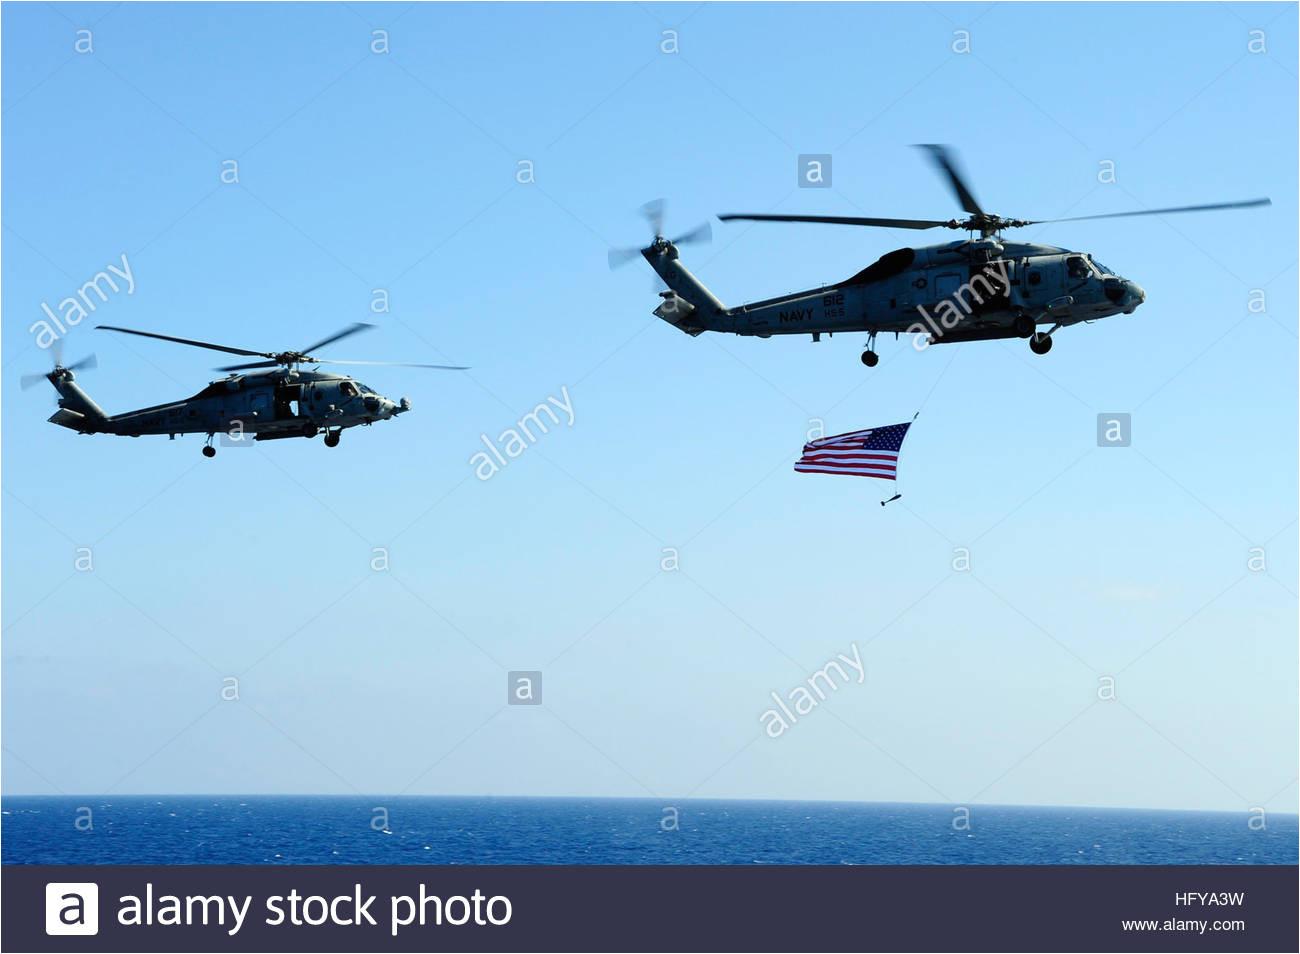 100709 n 6604e 390 mediterranean sea july 9 2010 sh